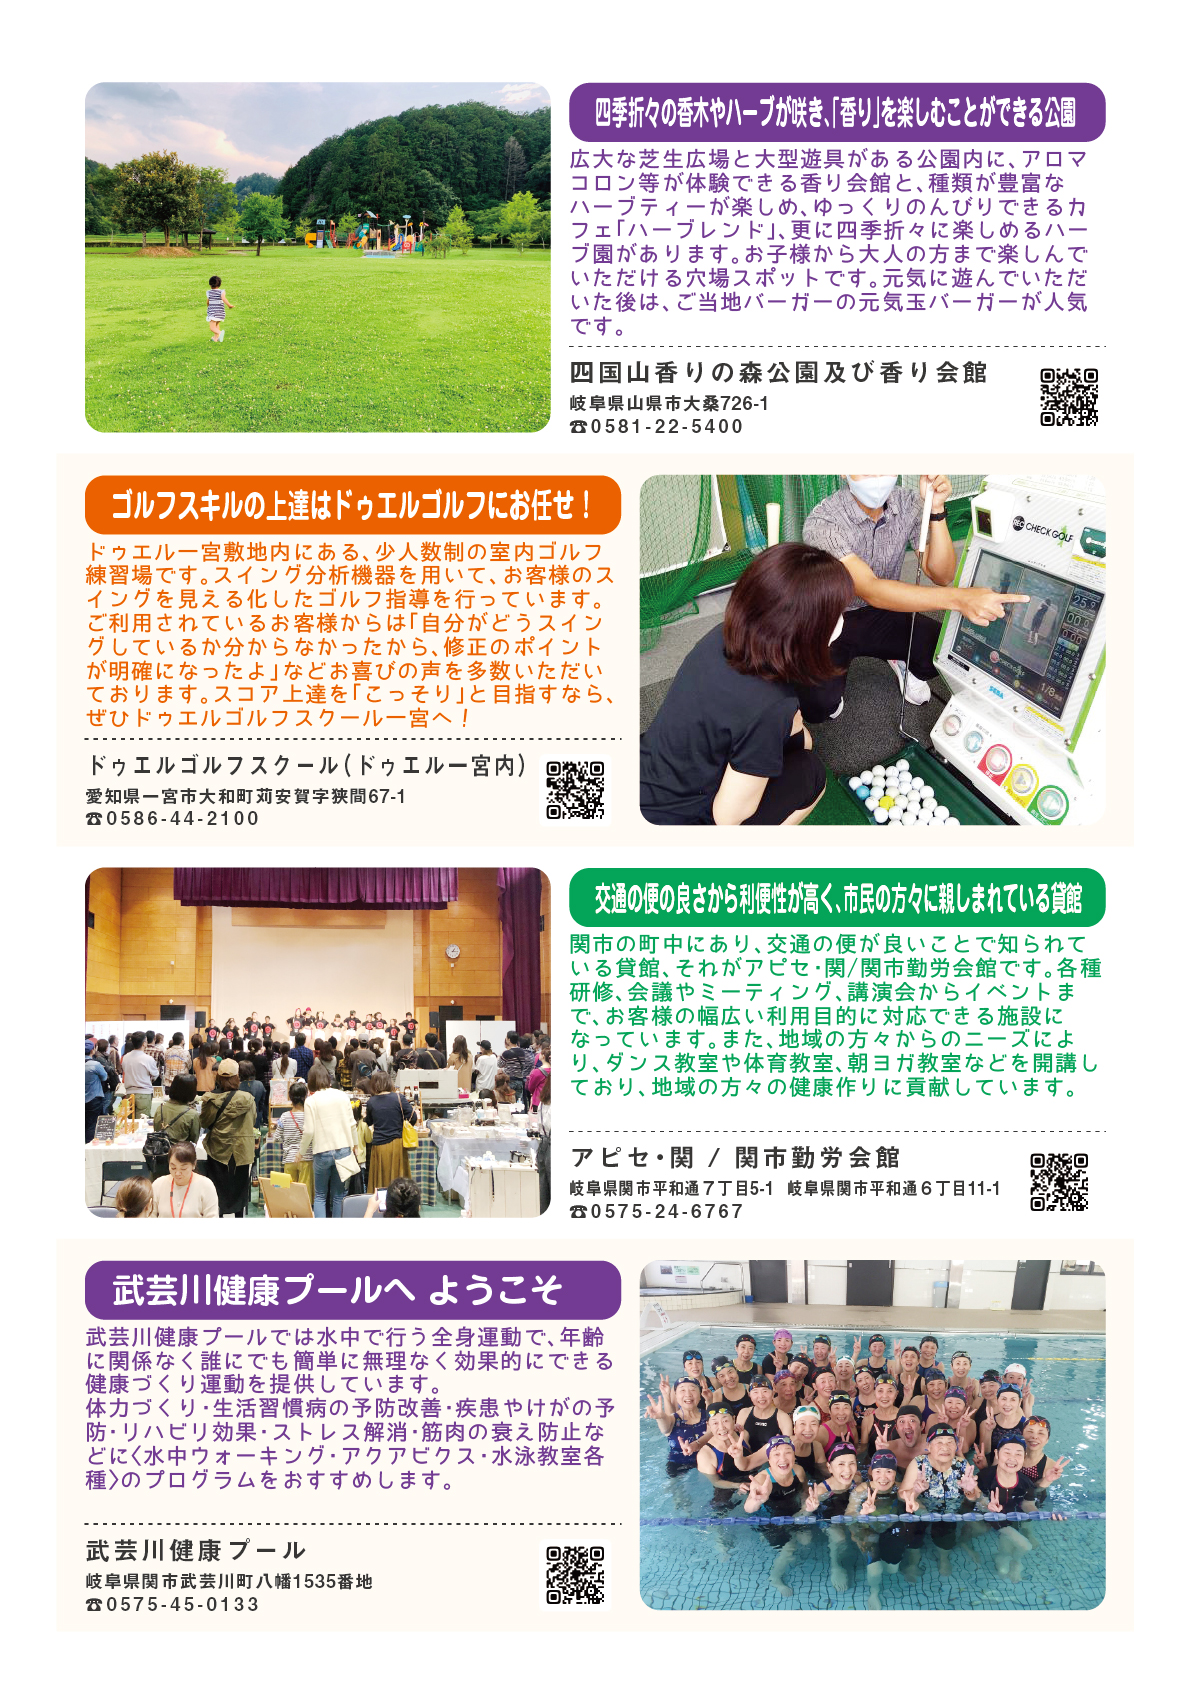 ドルフィングループ_広報誌_210416_04